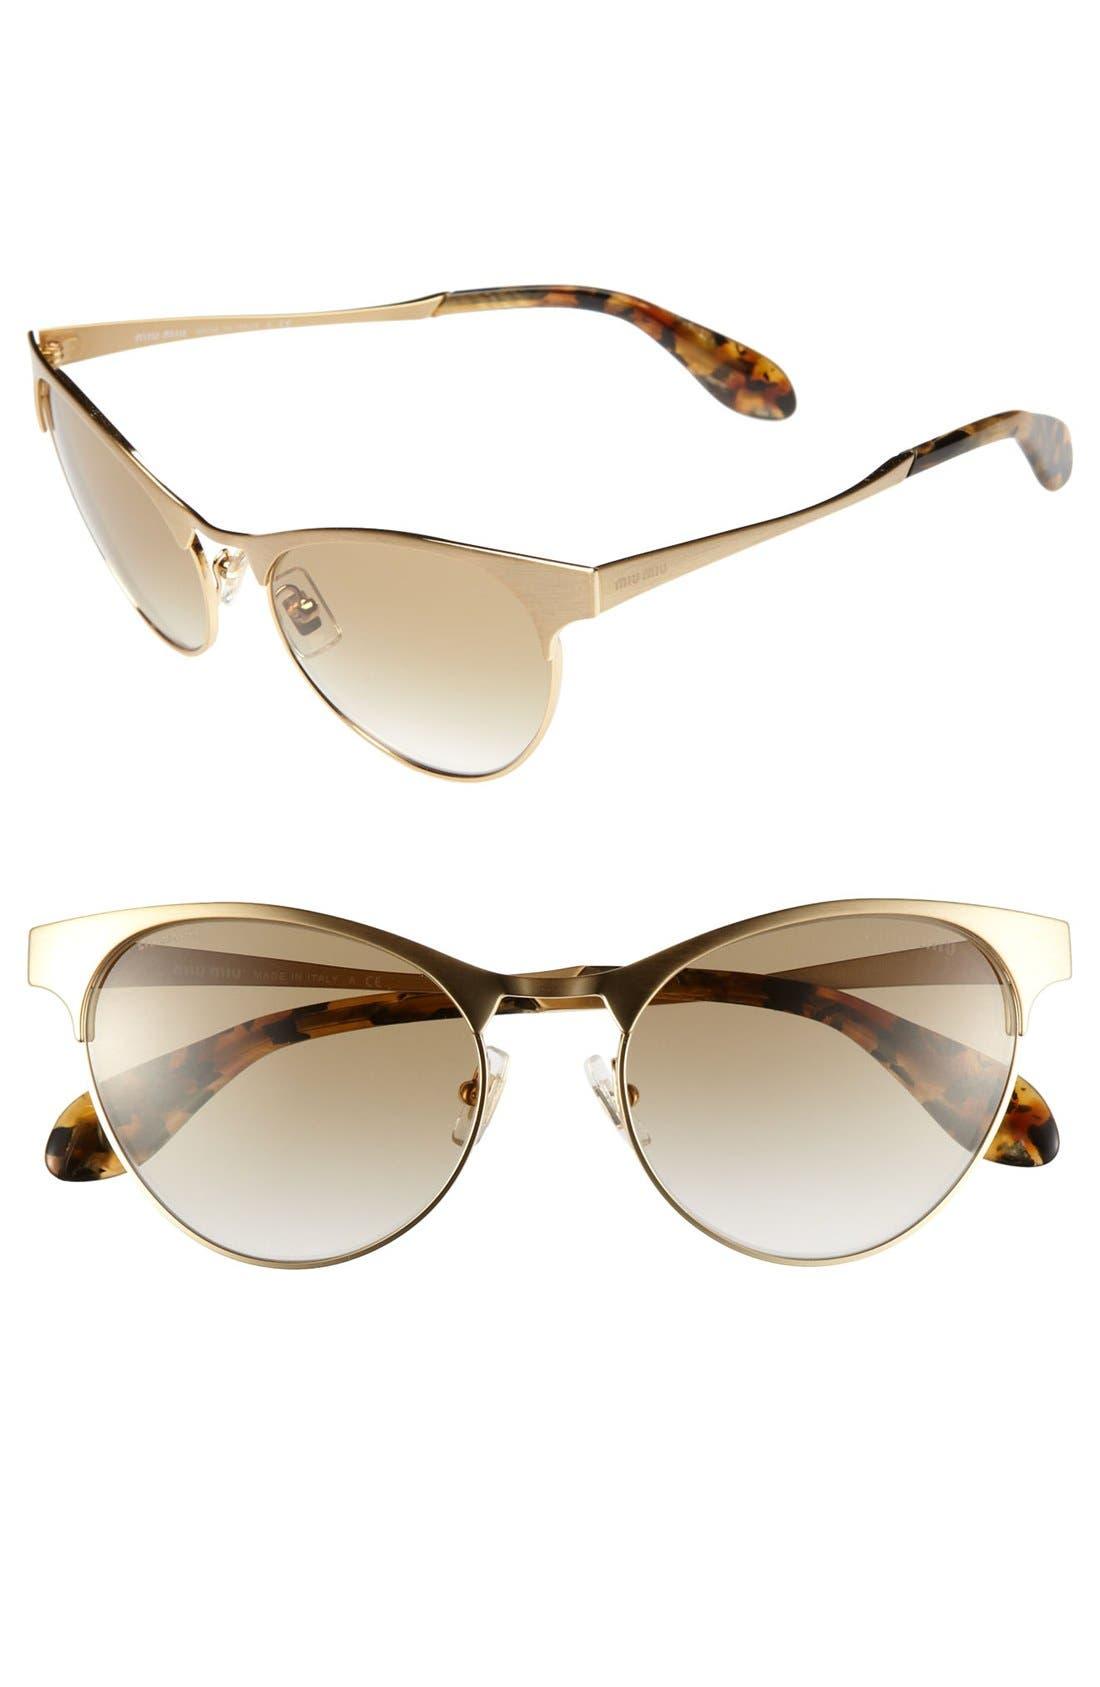 Main Image - Miu Miu Cat's Eye Sunglasses